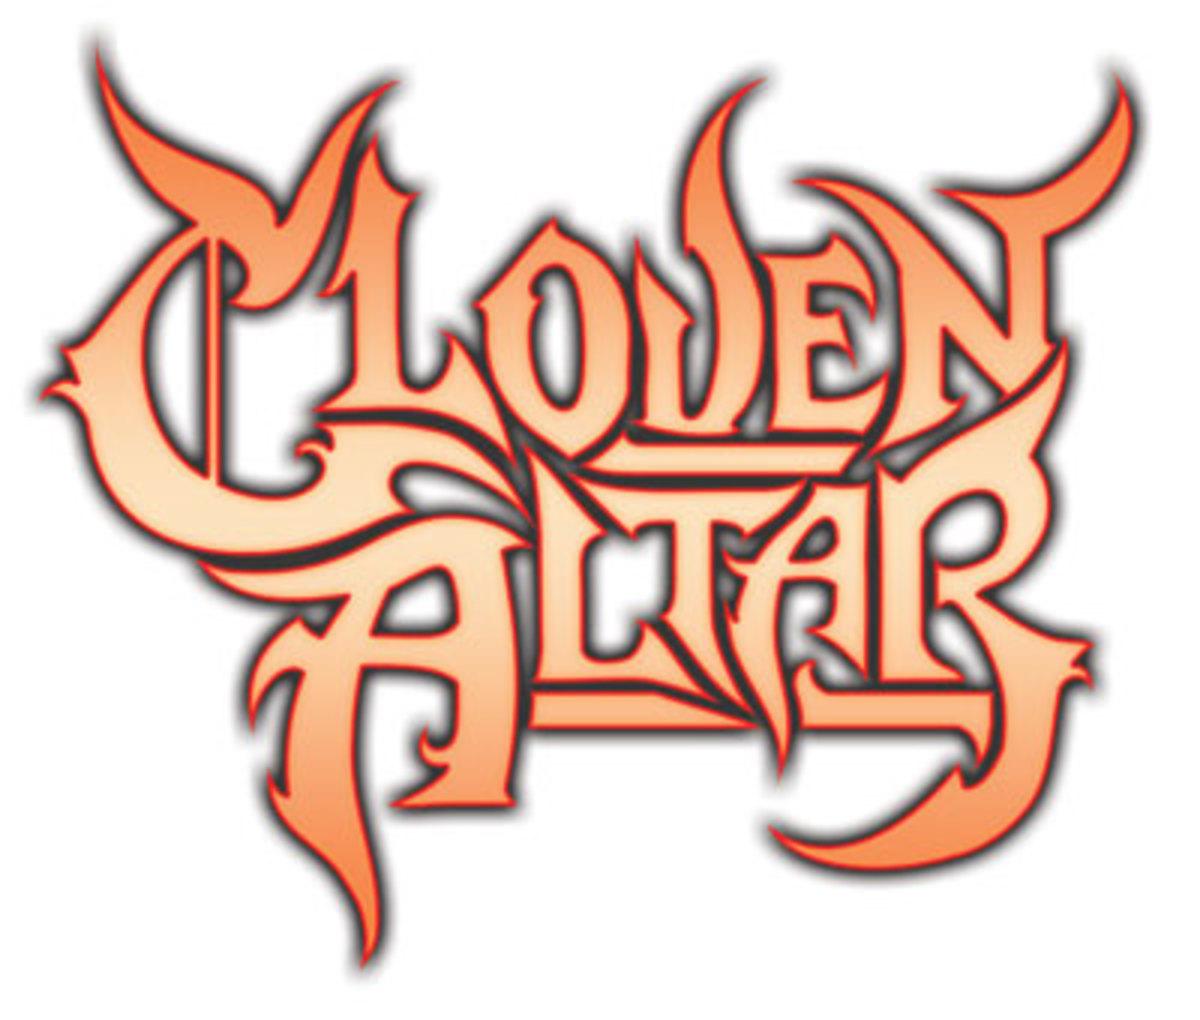 cloven-altar-enter-the-night-2017-album-review